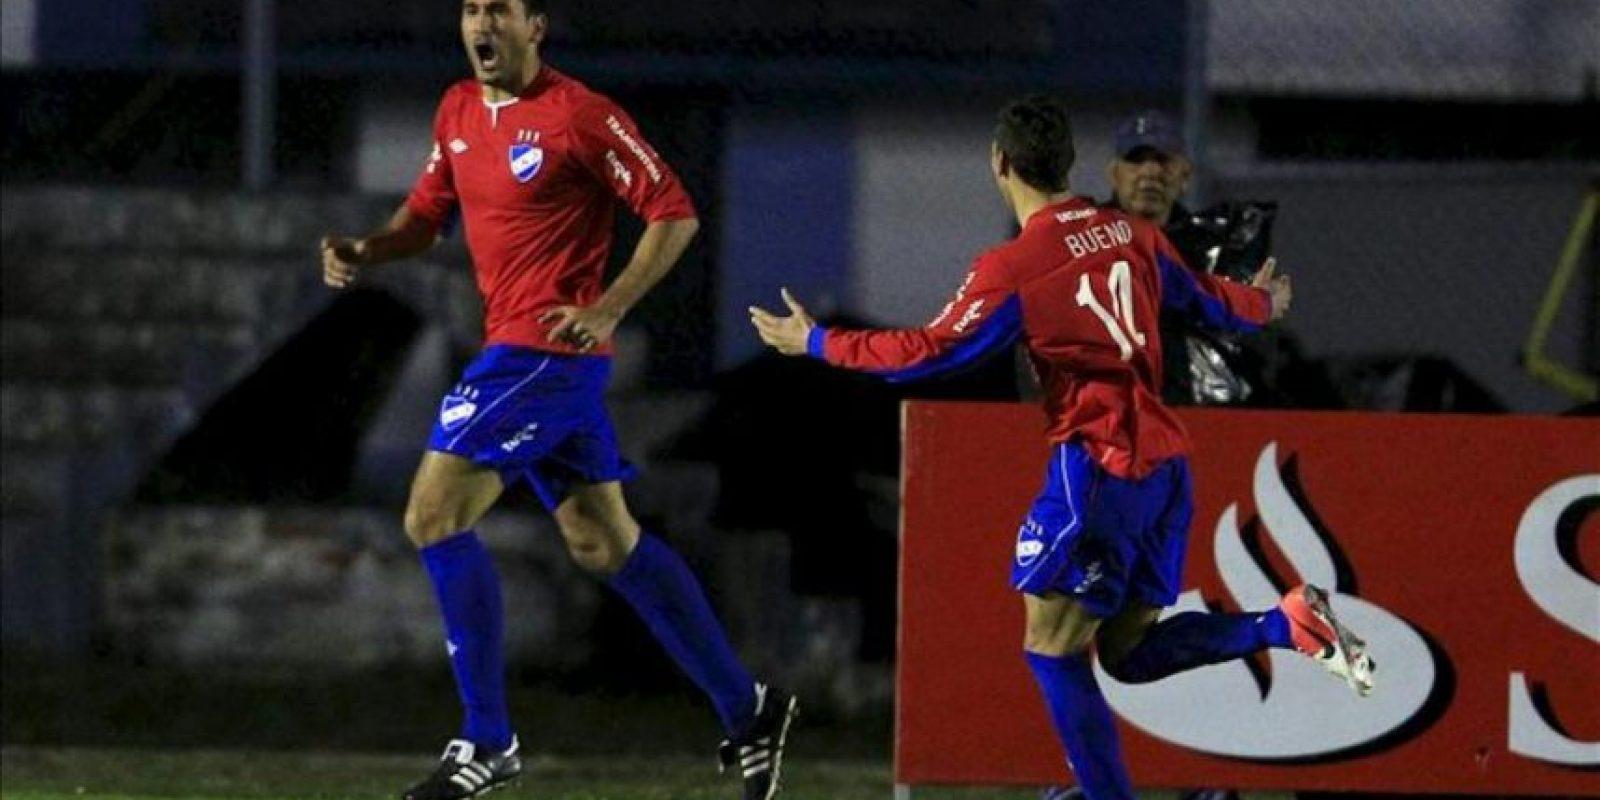 El jugador del Nacional de Uruguay Taborda (i) celebra el gol anotado a Liga de Loja, durante un partido por la Copa Sudamericana en Loja (Ecuador). EFE